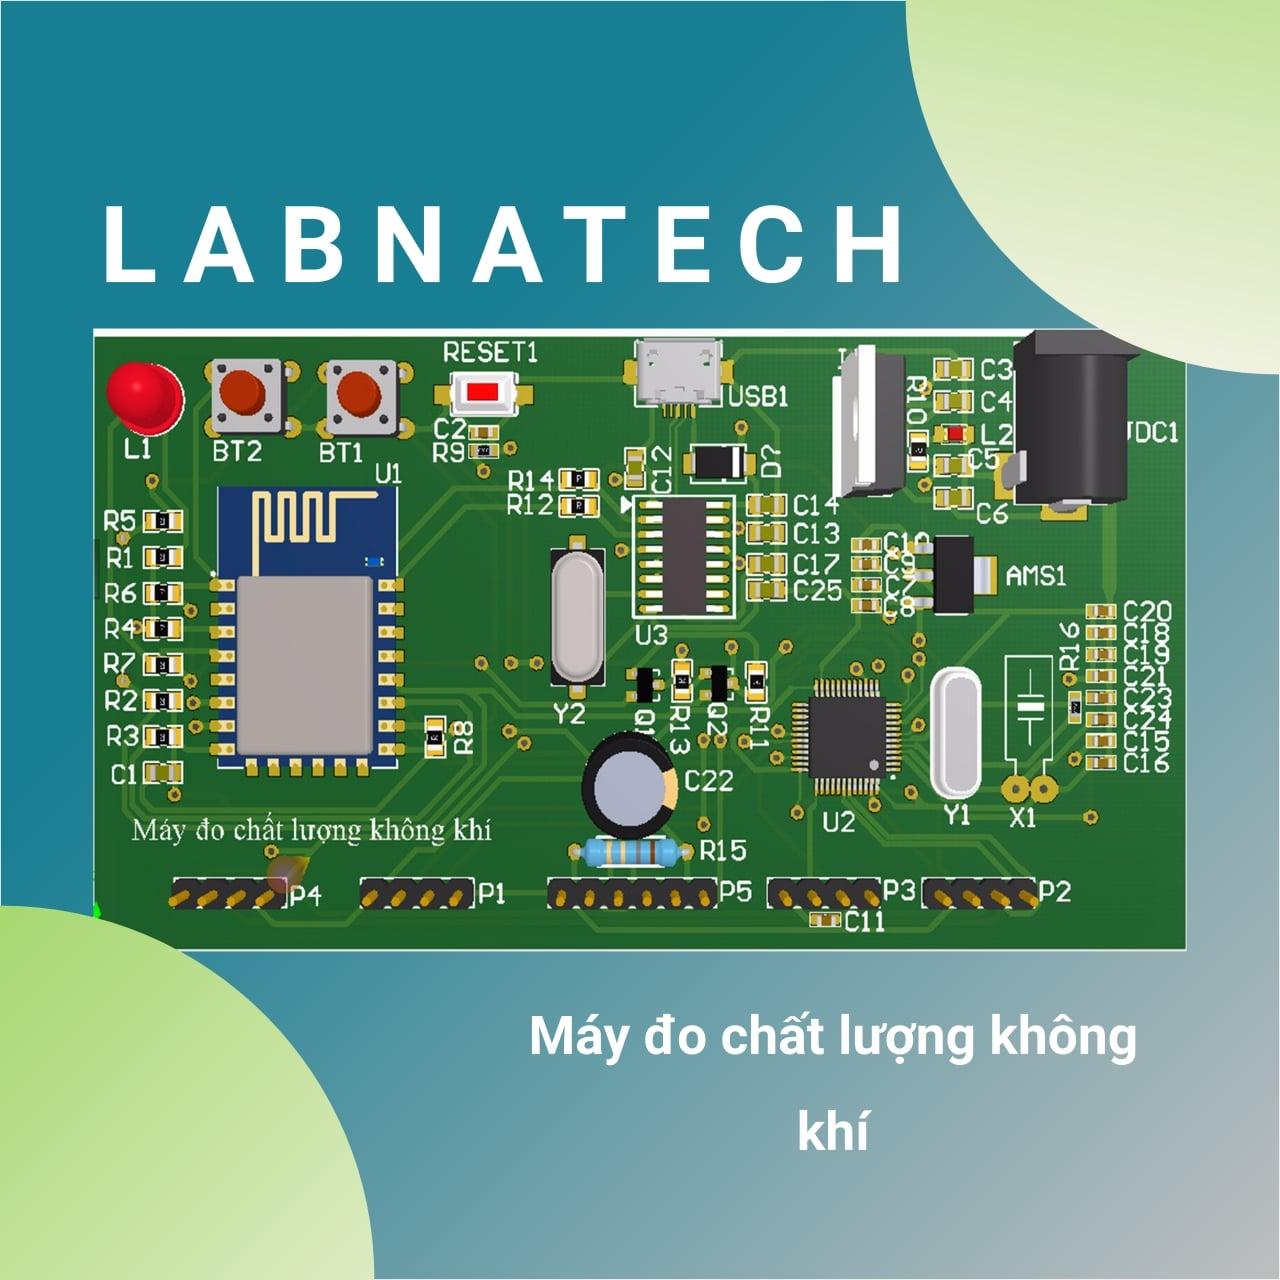 Nhóm LAB Natech - Máy đo chất lượng không khí